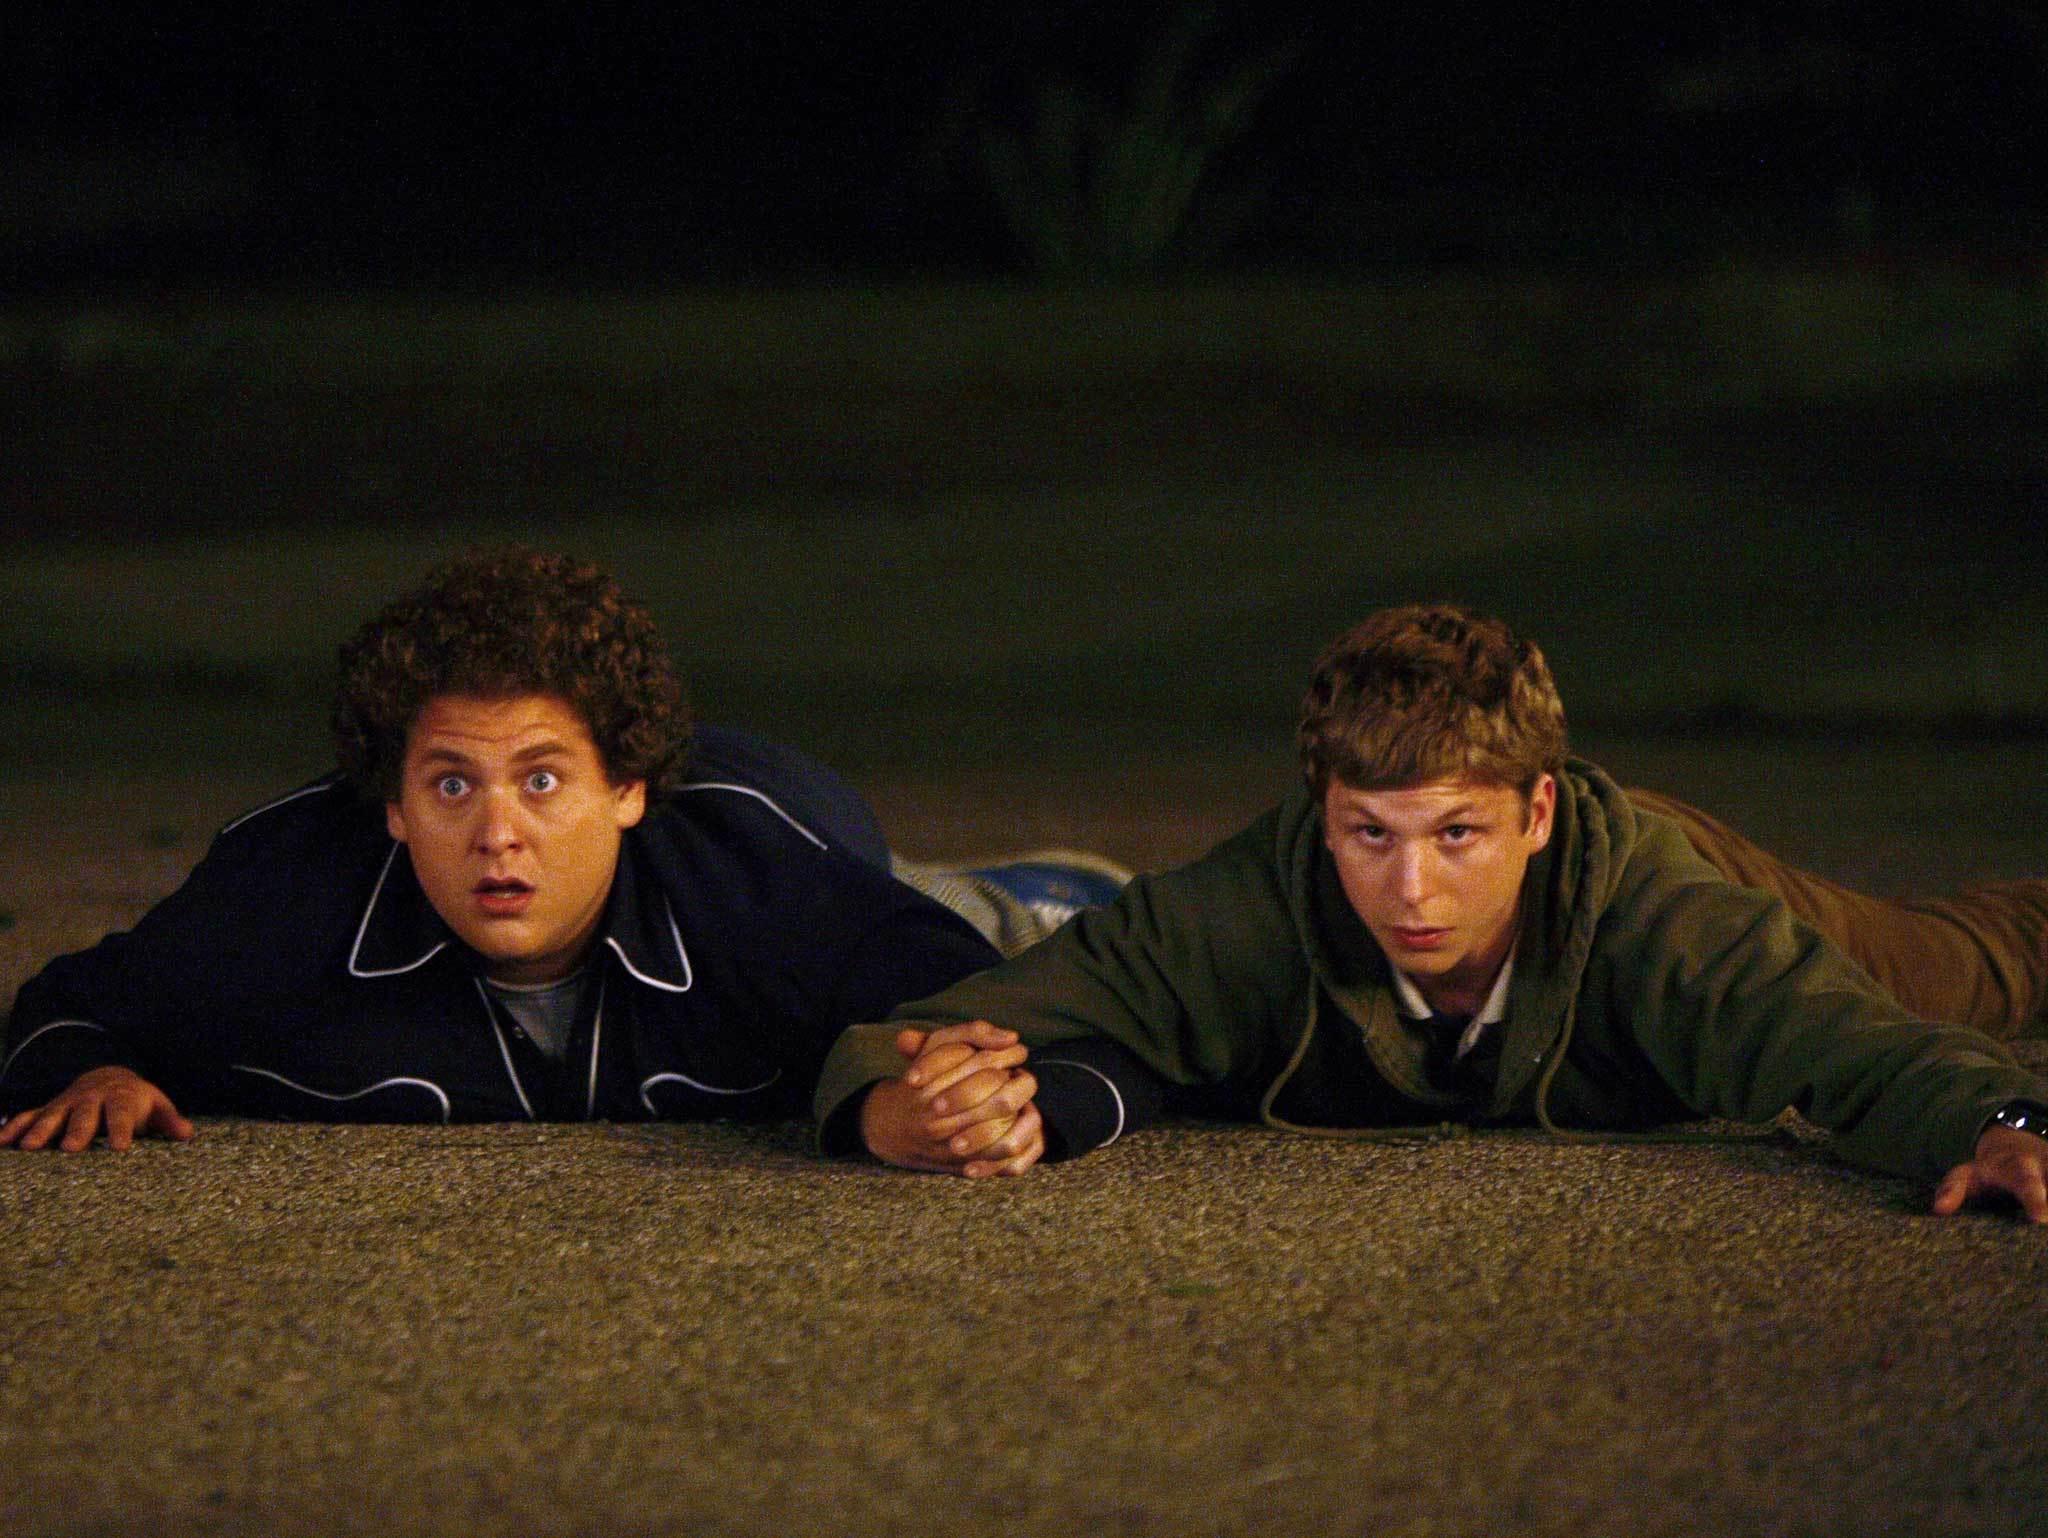 20 best friendship movies: Superbad